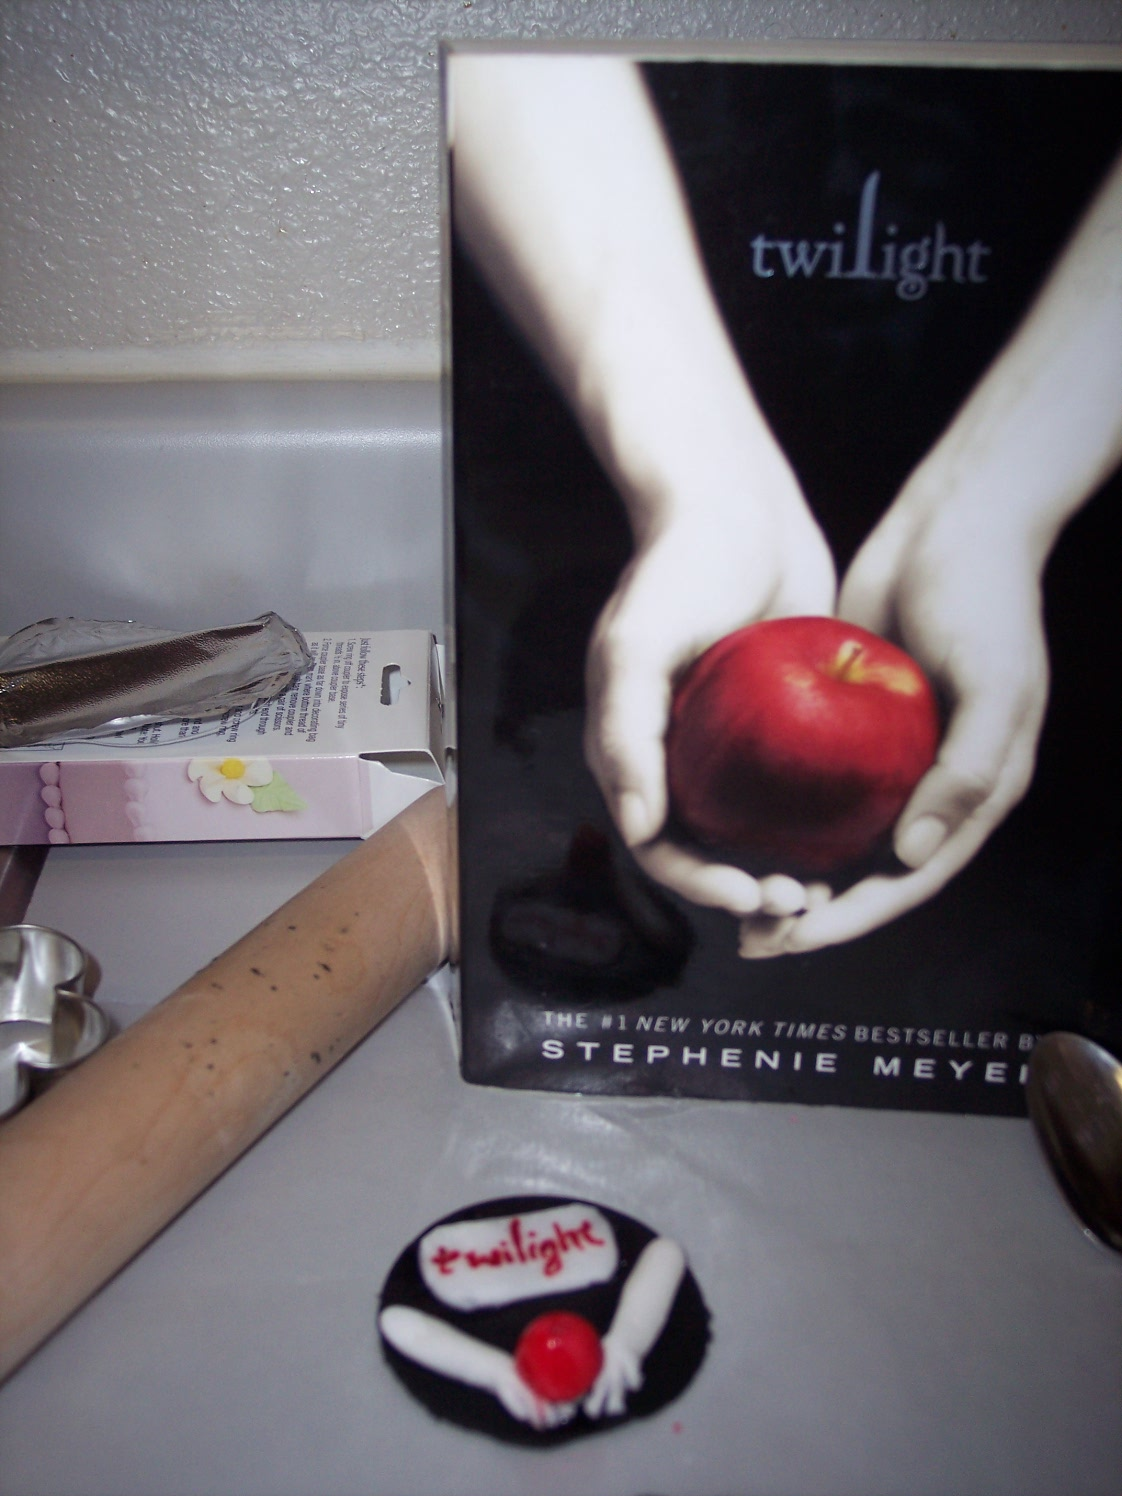 http://2.bp.blogspot.com/_3aWJsu5s1Dw/THrLBCiB4wI/AAAAAAAABKM/V7k72caw_l8/s1600/8-14-10+Twilight+blog+pics,+Emma-La%27s+bdays+093.JPG